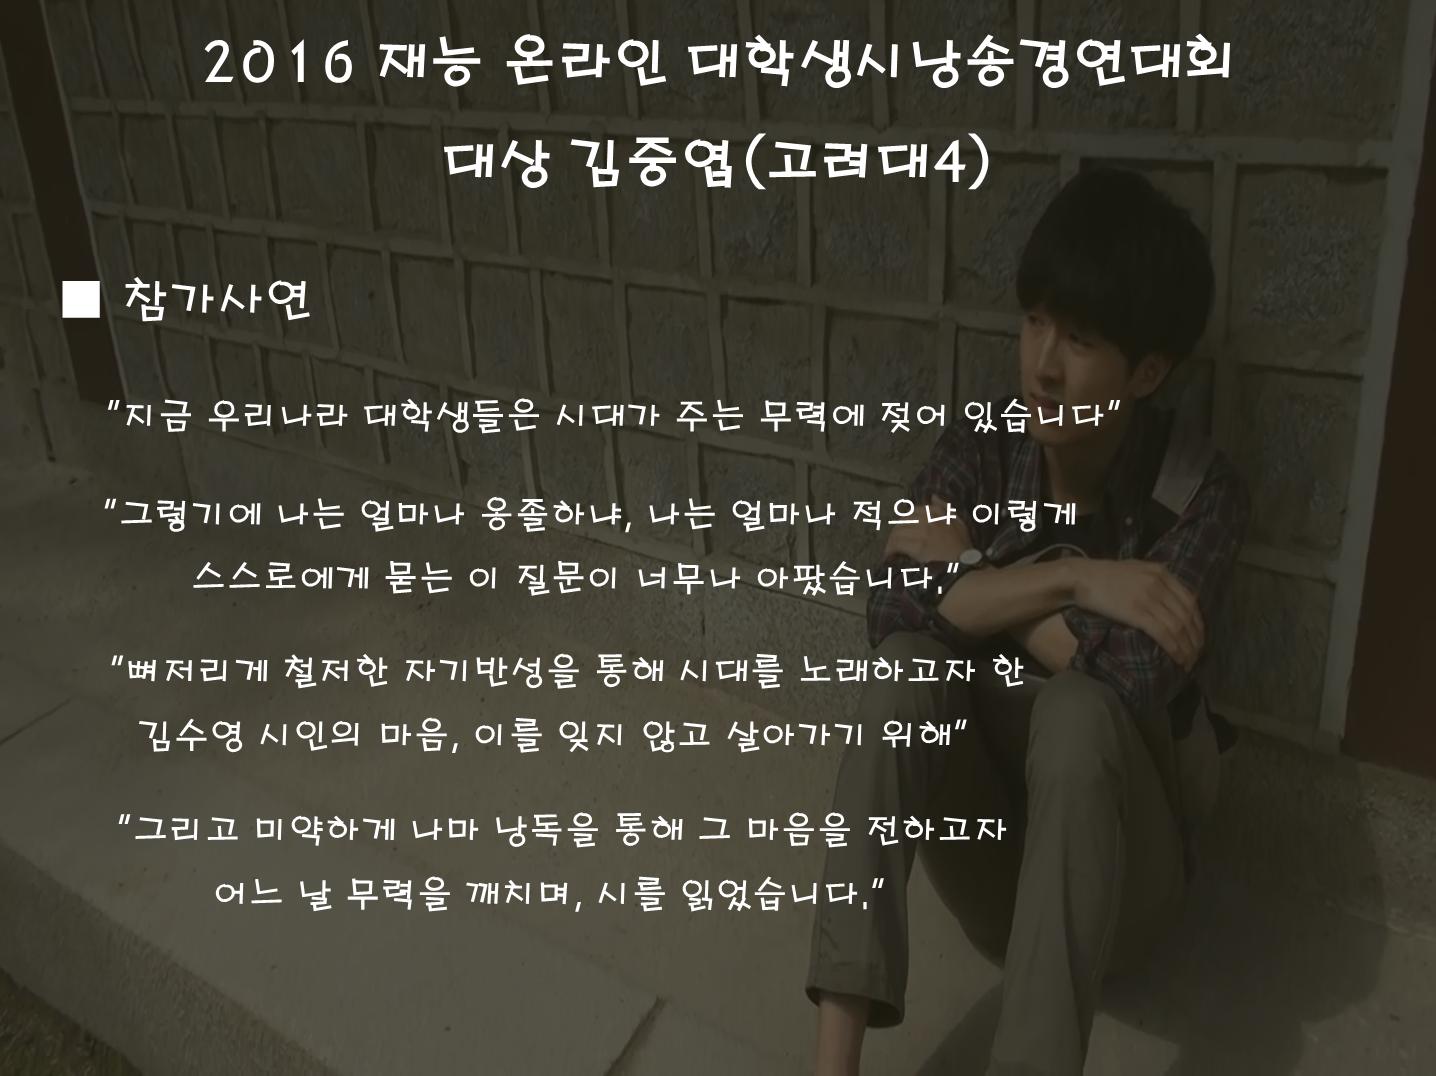 김중엽 피피티 사진 2.png